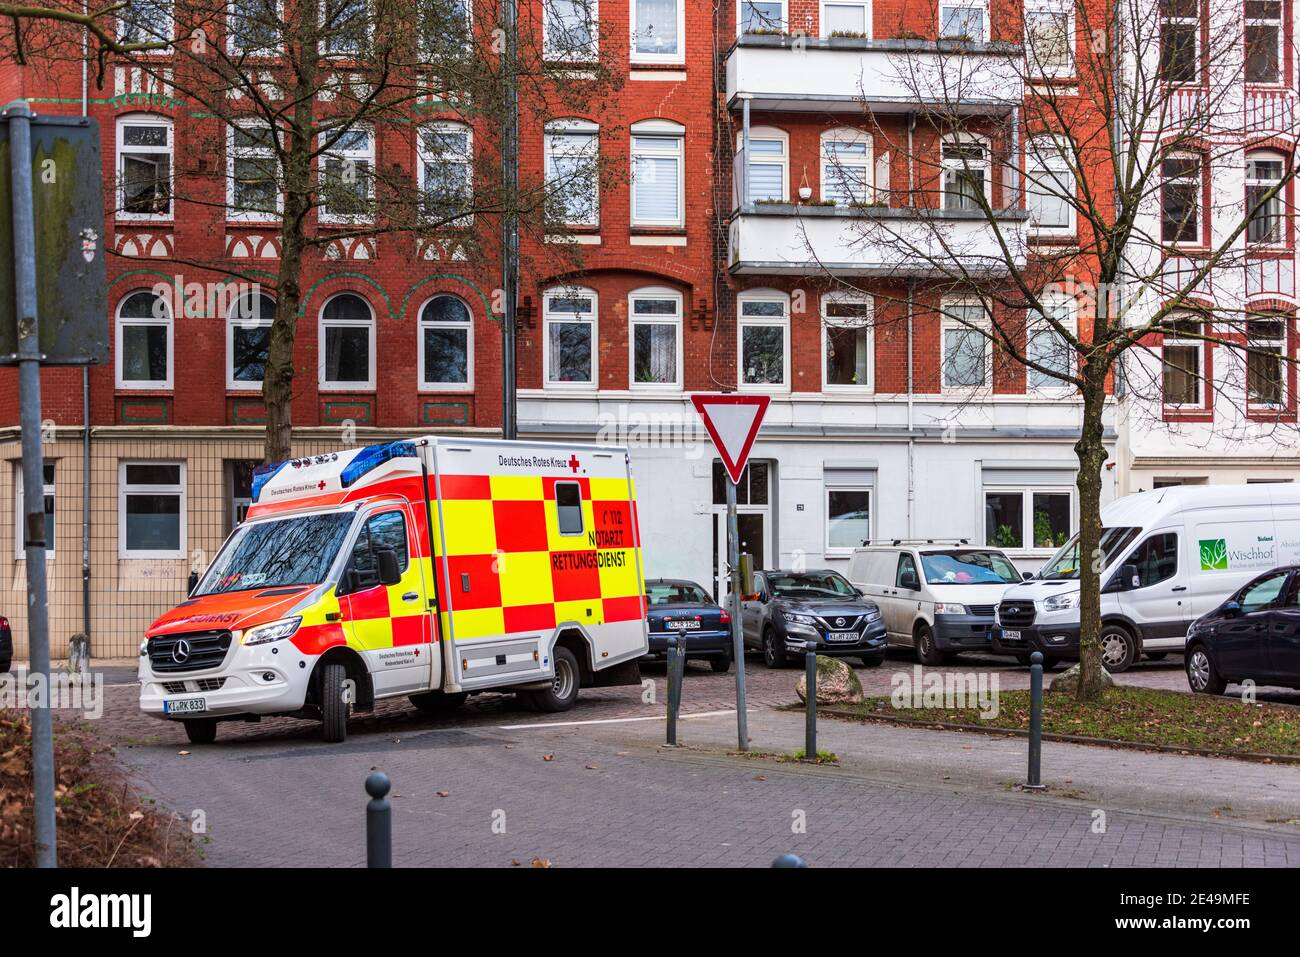 Ein Notarztwagen der Deutschen Roten Kreuz im Einsatz in der Kieler Innenstadt Foto de stock